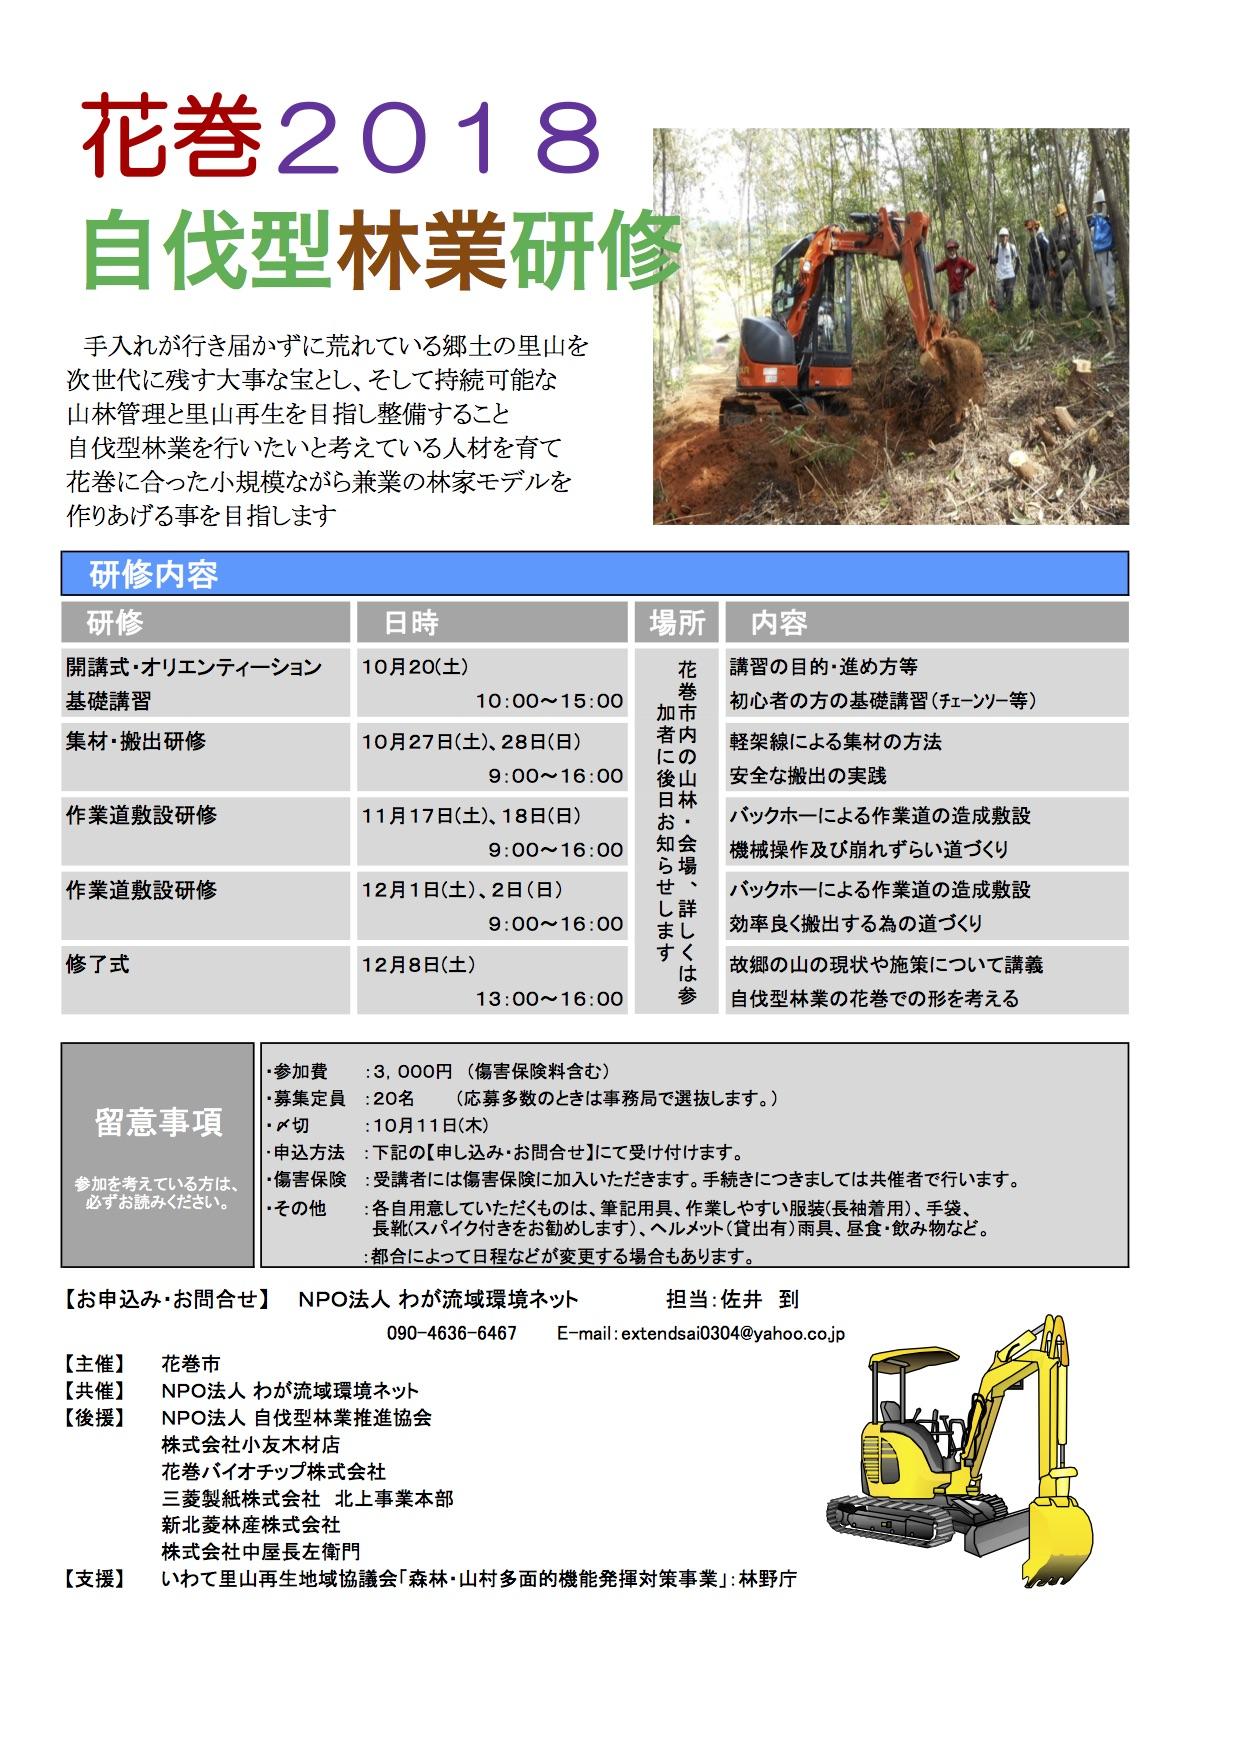 岩手県花巻市が「自伐型林業研修」を開催(10月20日〜)